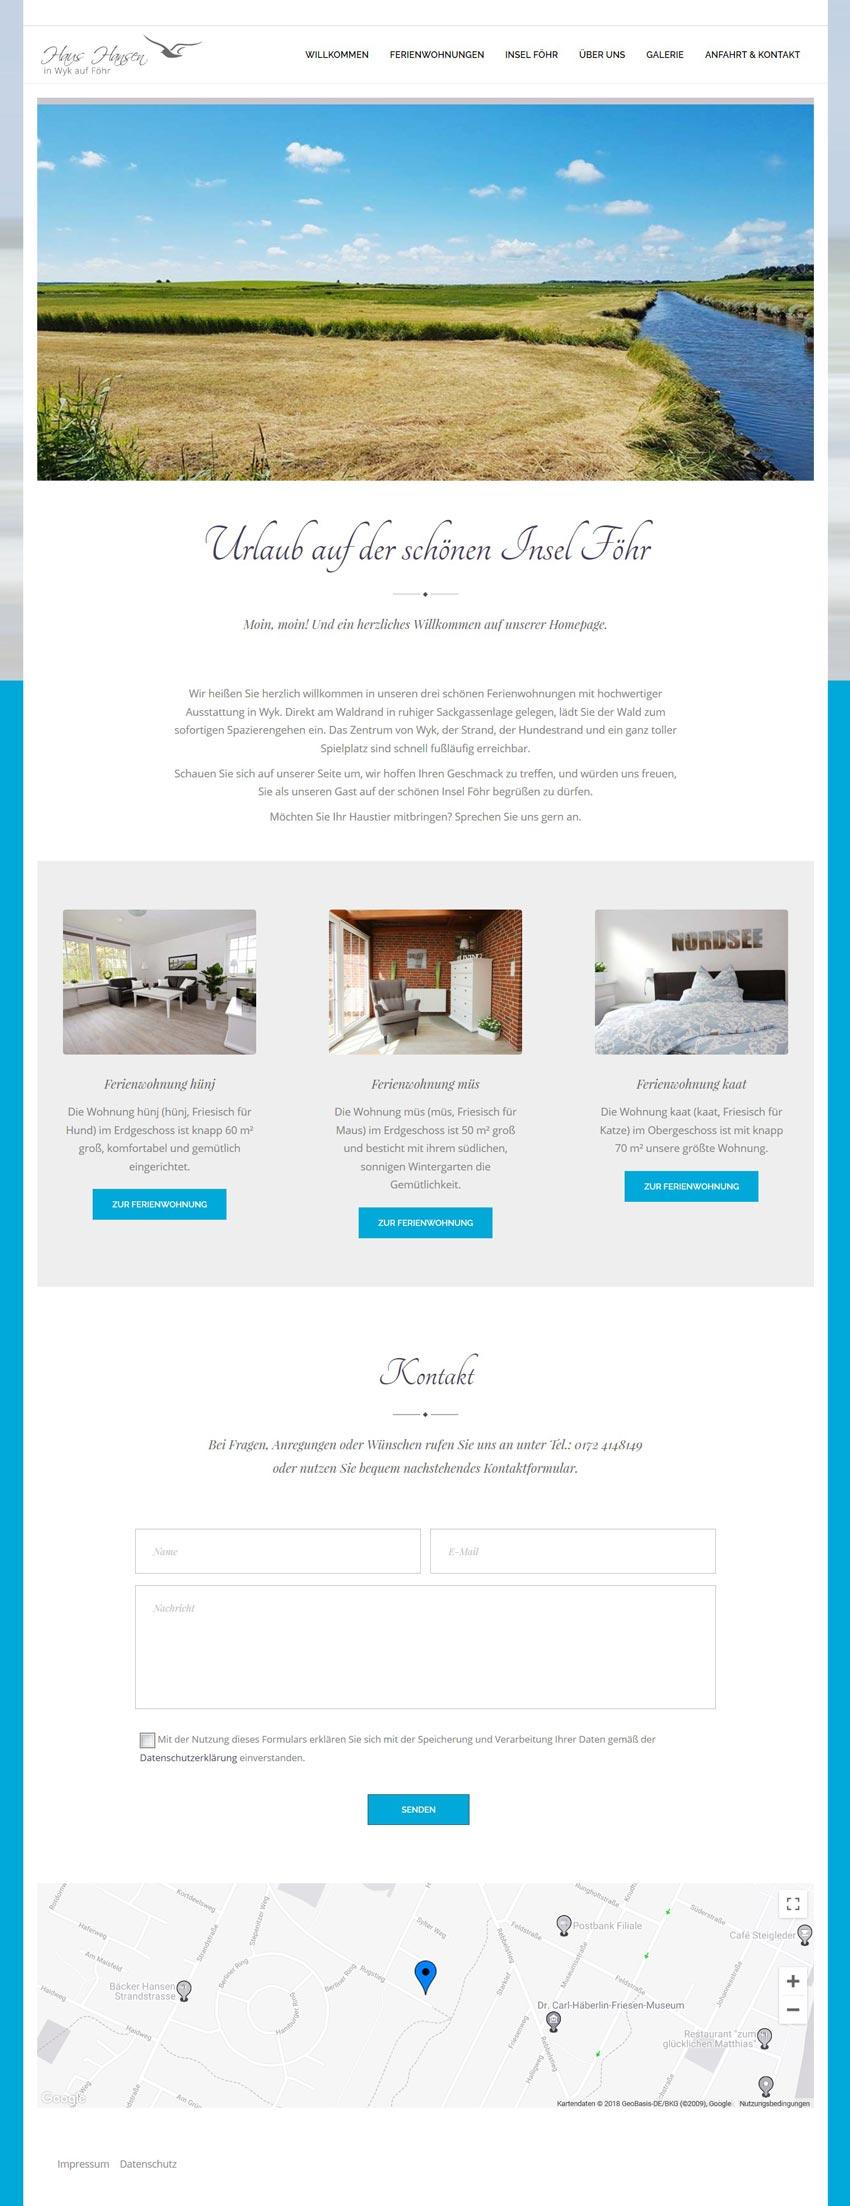 Webdesign für Ferienwohnungen auf der Insel Föhr